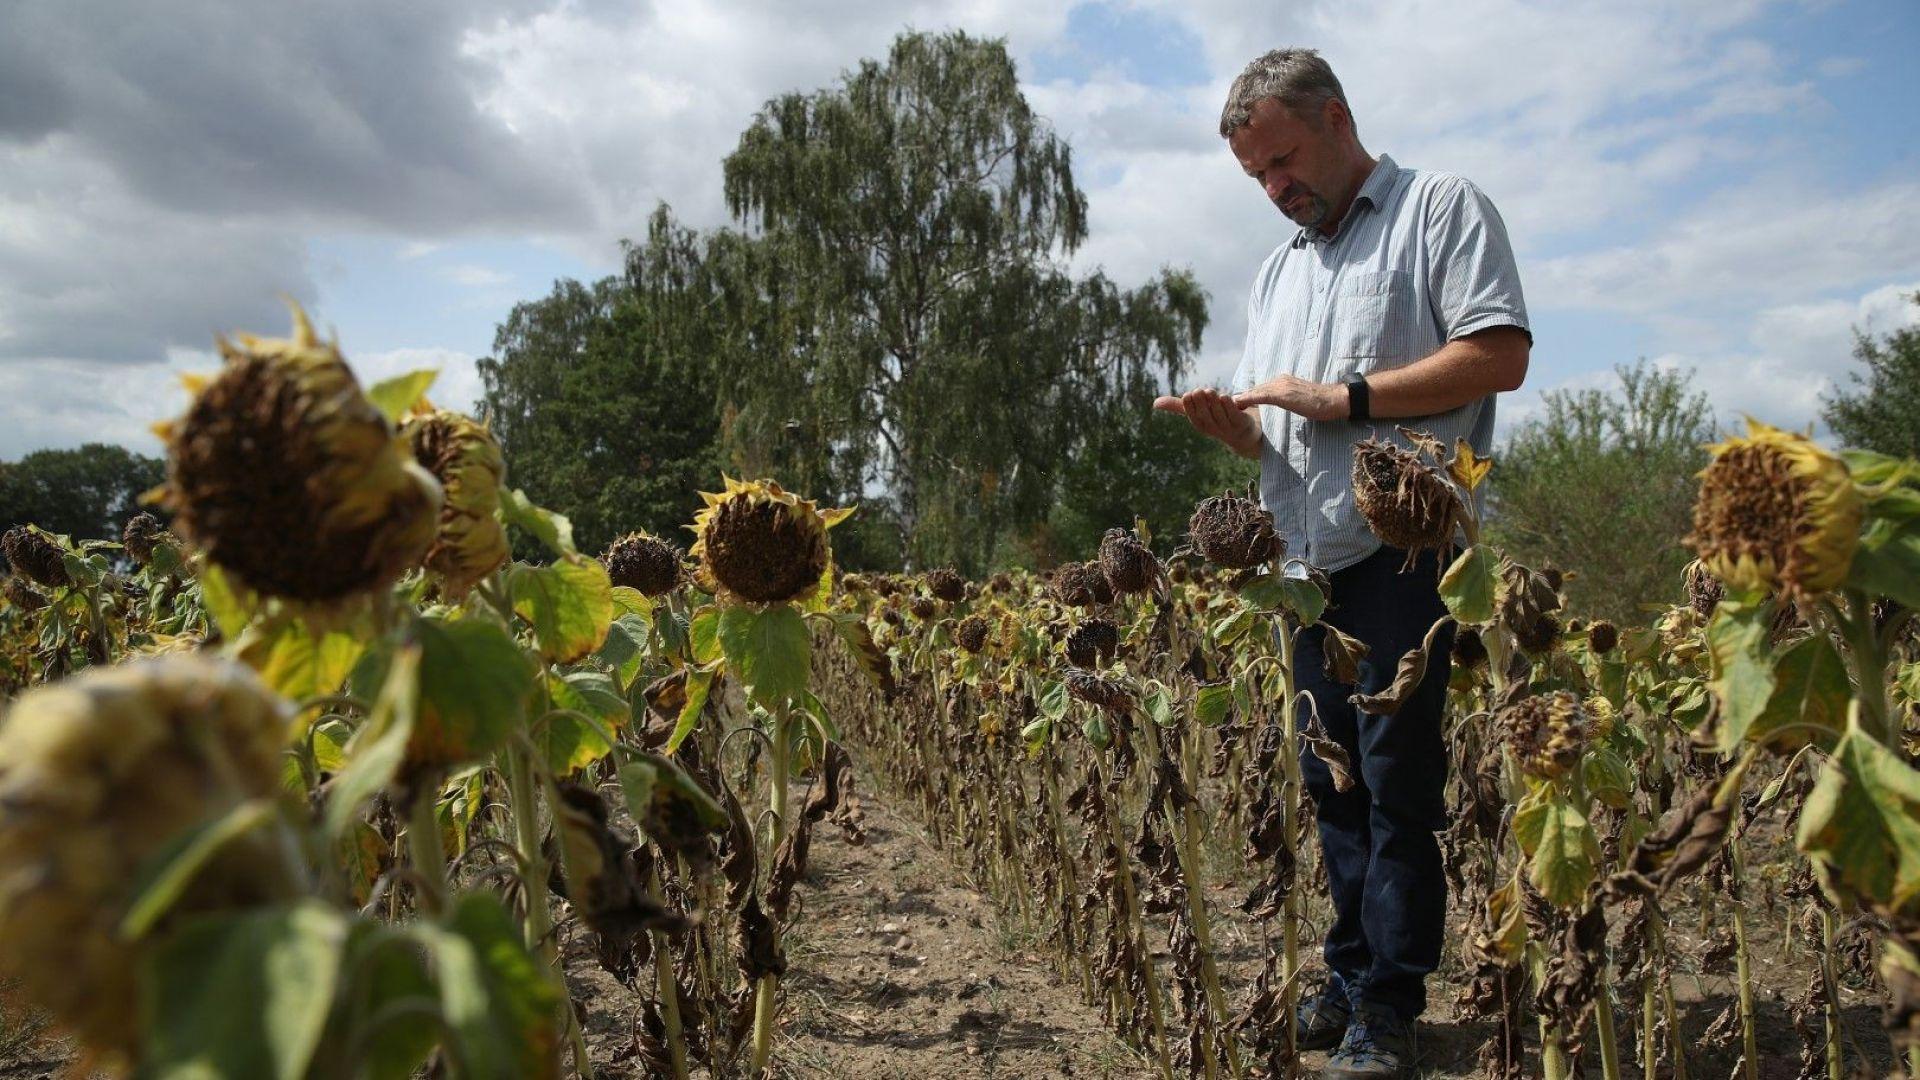 Франция си издейства 1 млрд. евро дотации от ЕС заради сушата